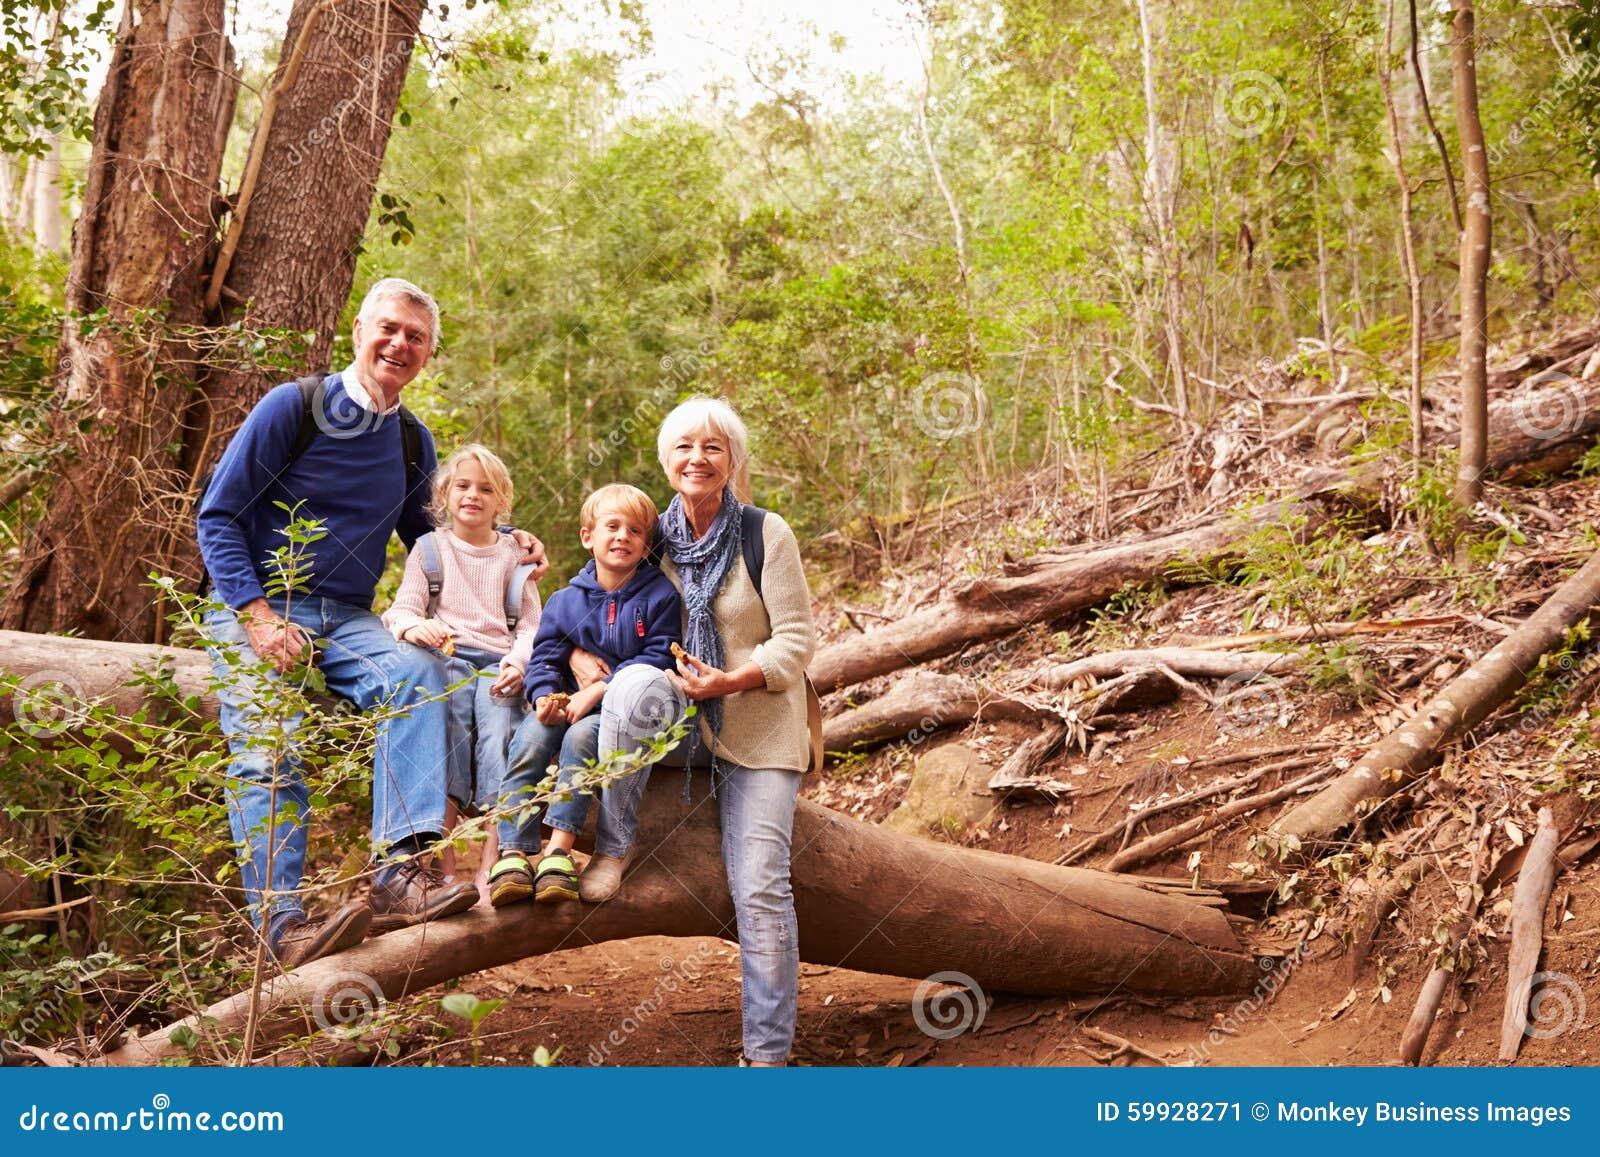 Großeltern und Enkelkinder, die in einem Wald, Porträt essen